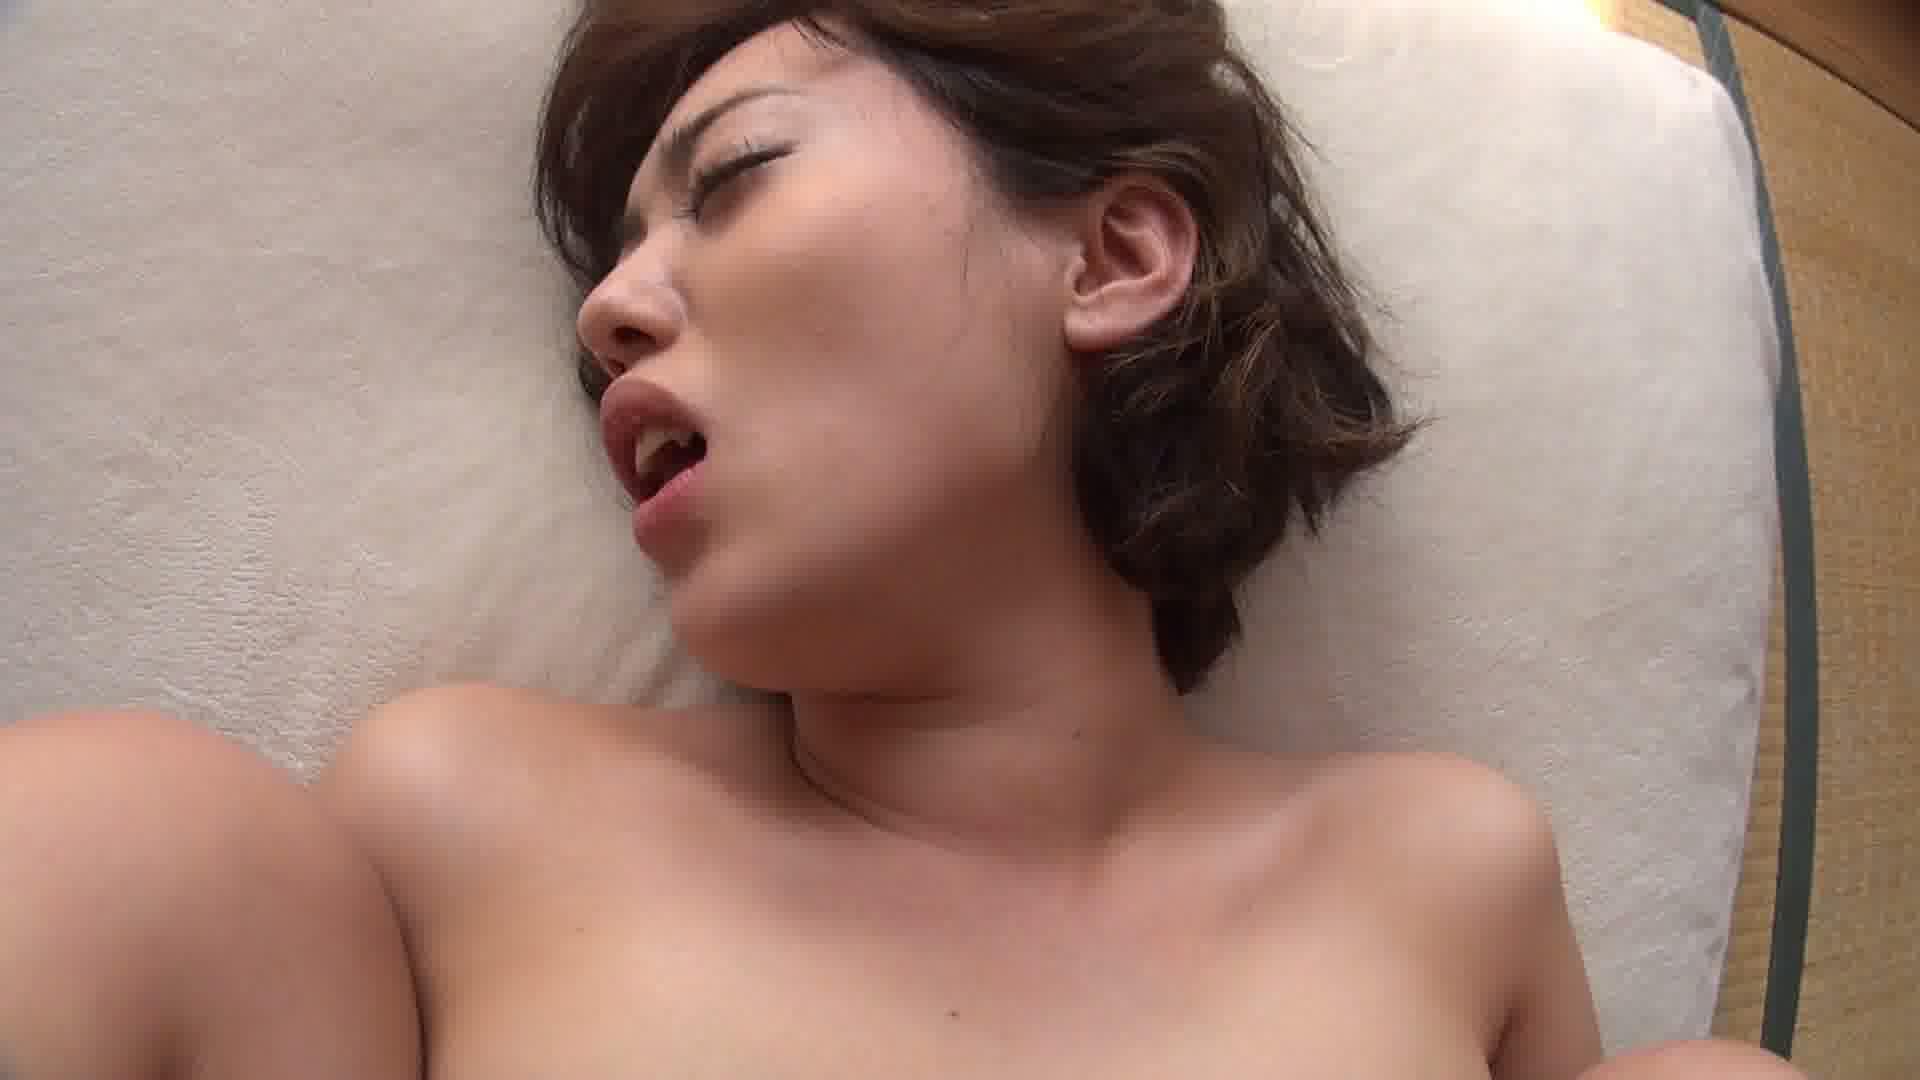 妖艶巨乳全裸家政婦 PART2沙月由奈